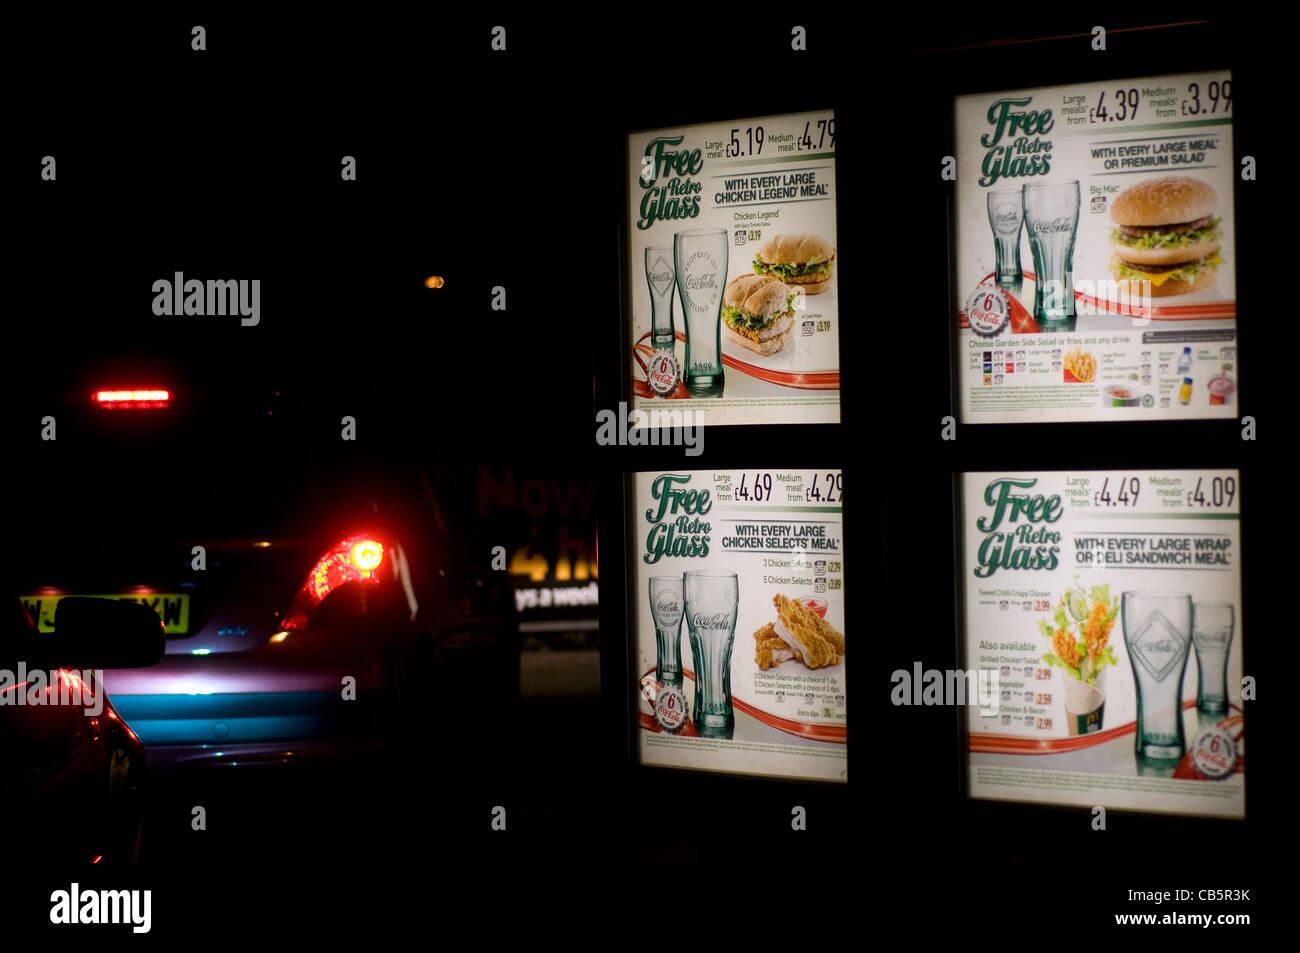 Manhattan Fast Food Restaurants